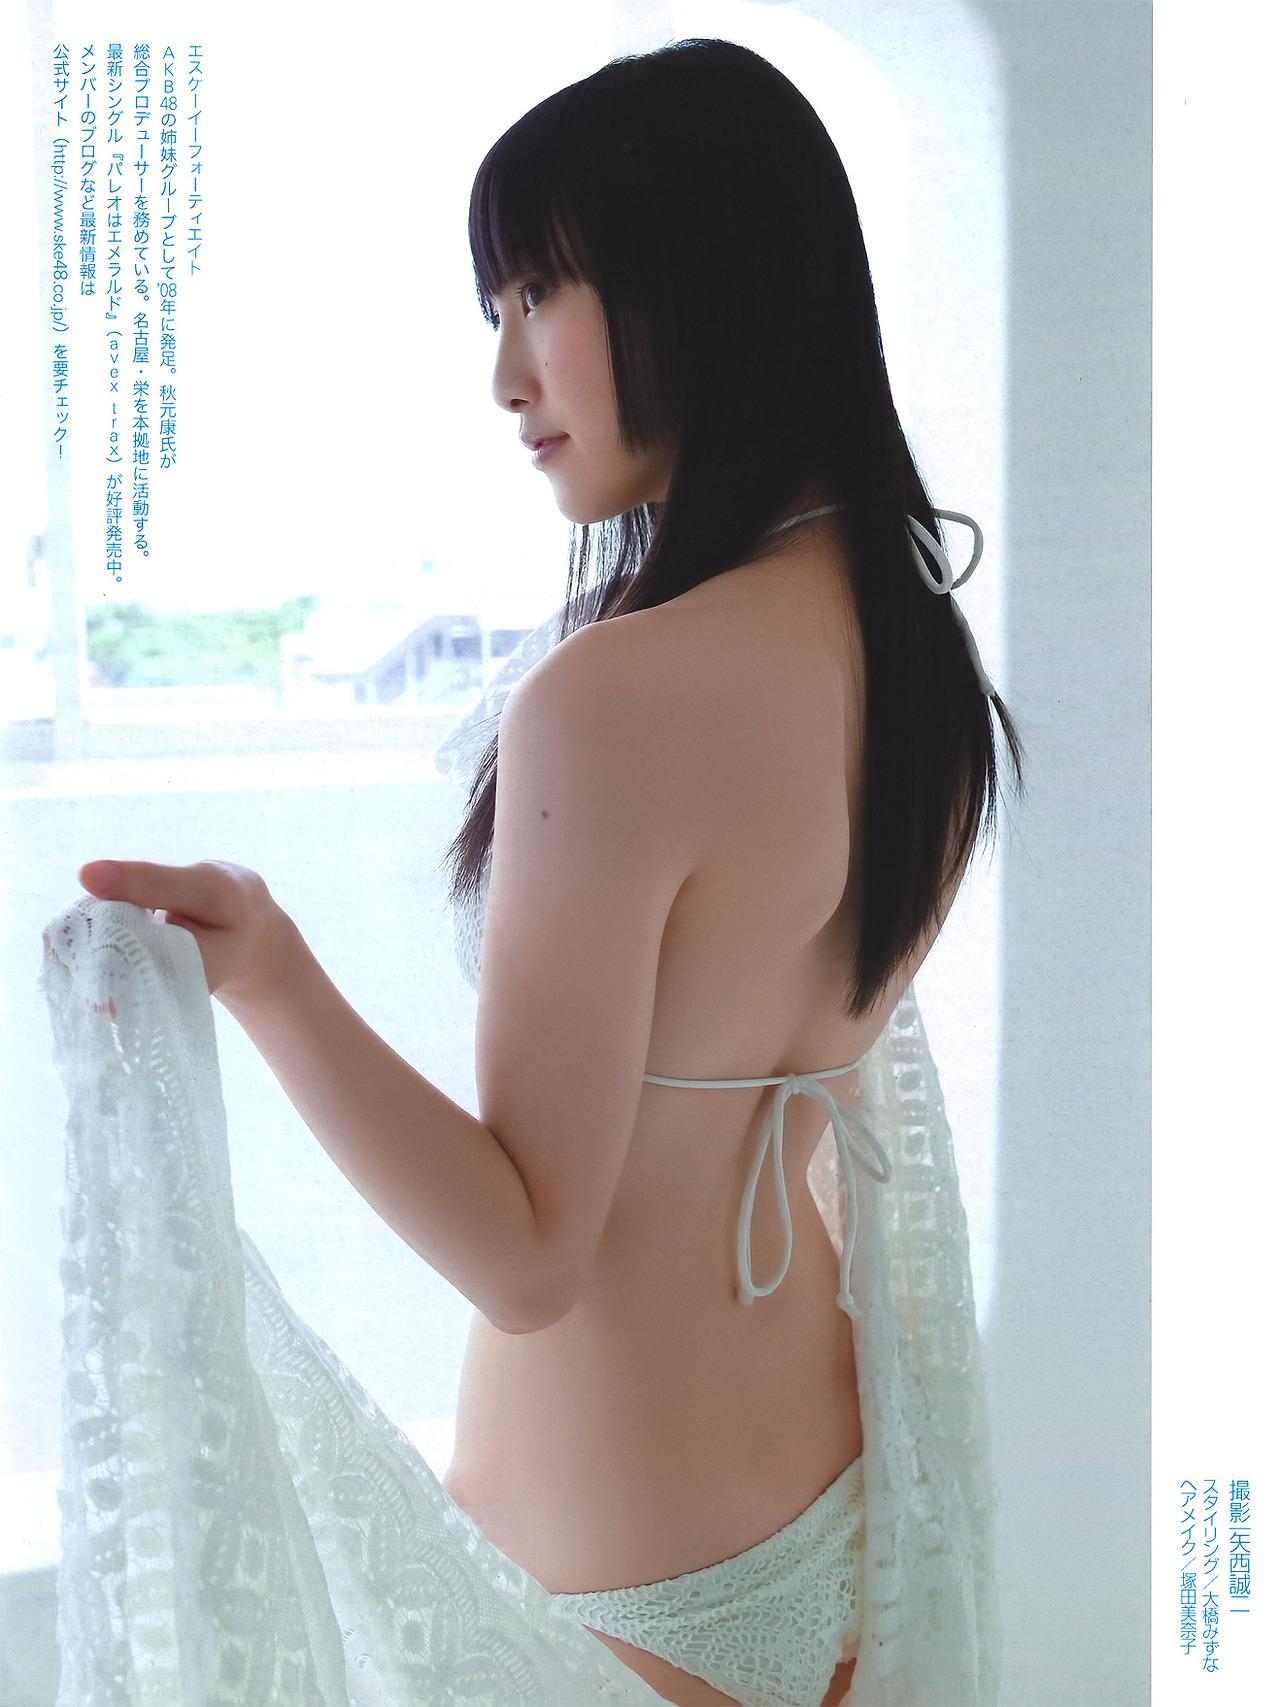 松井玲奈2-11